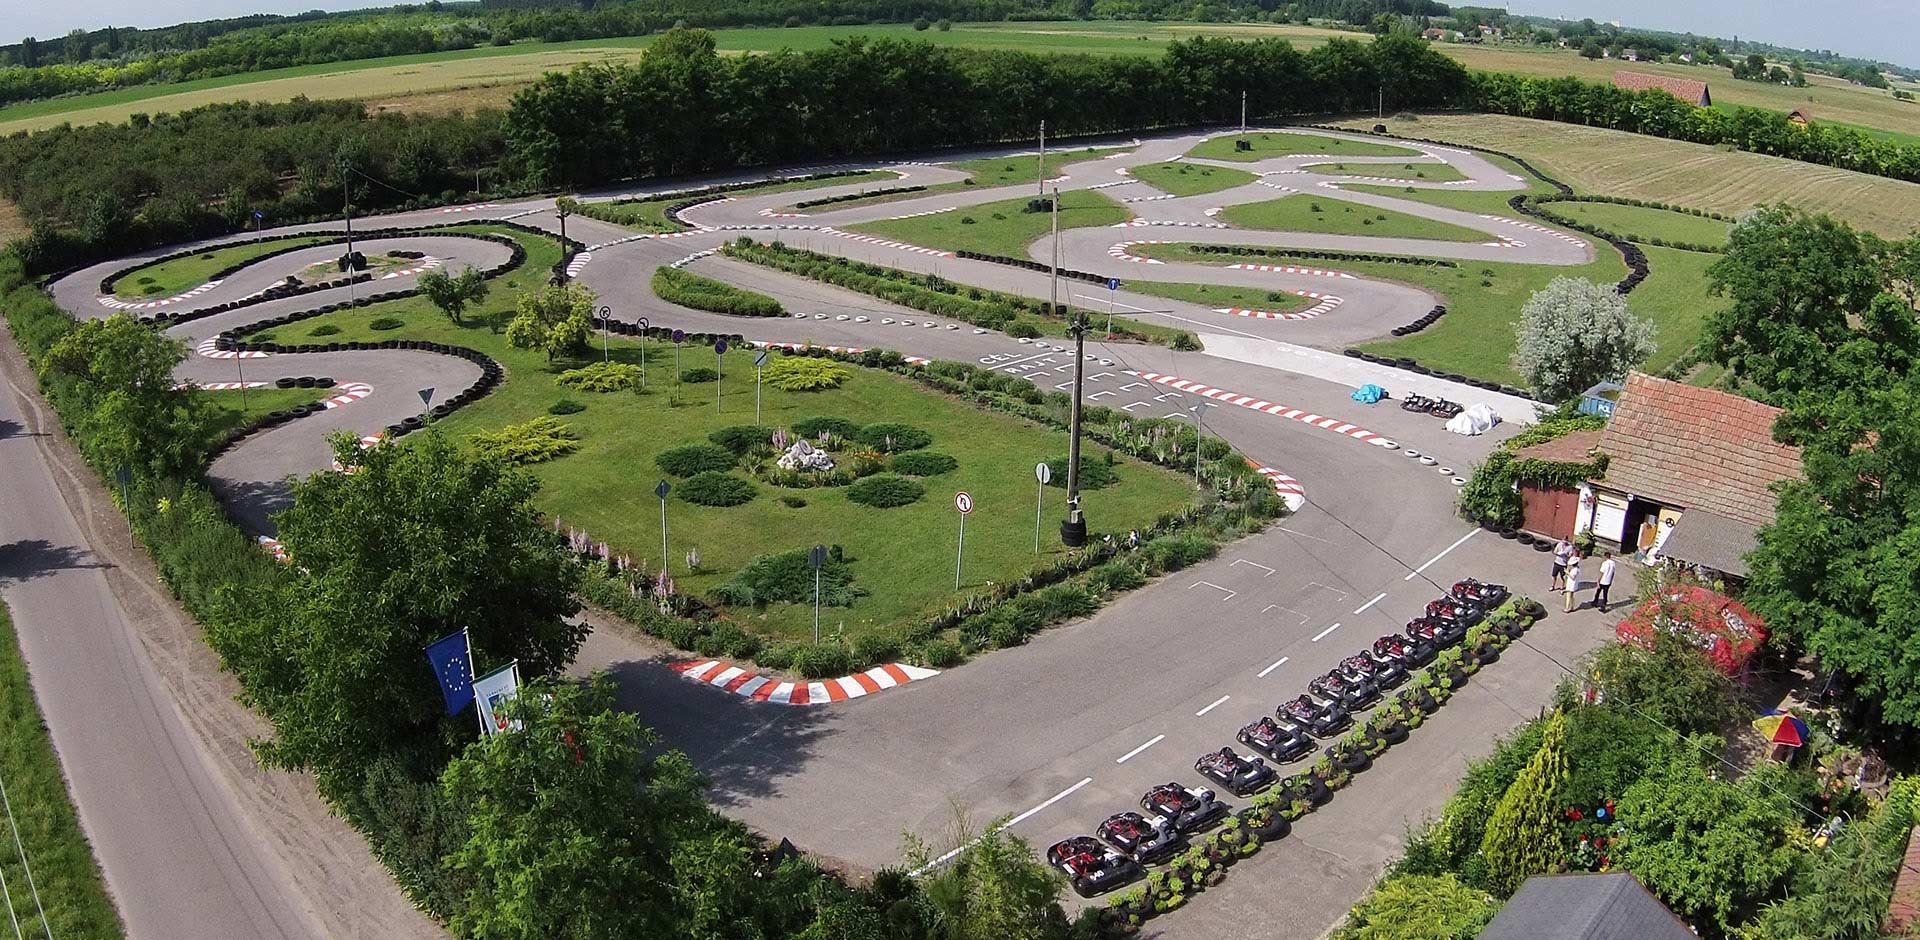 Üdvözöljük a Bognár Gokart Parkban <p> </ p> Magyarország leghosszabb (820 m) épített amatőr gokart pályáján